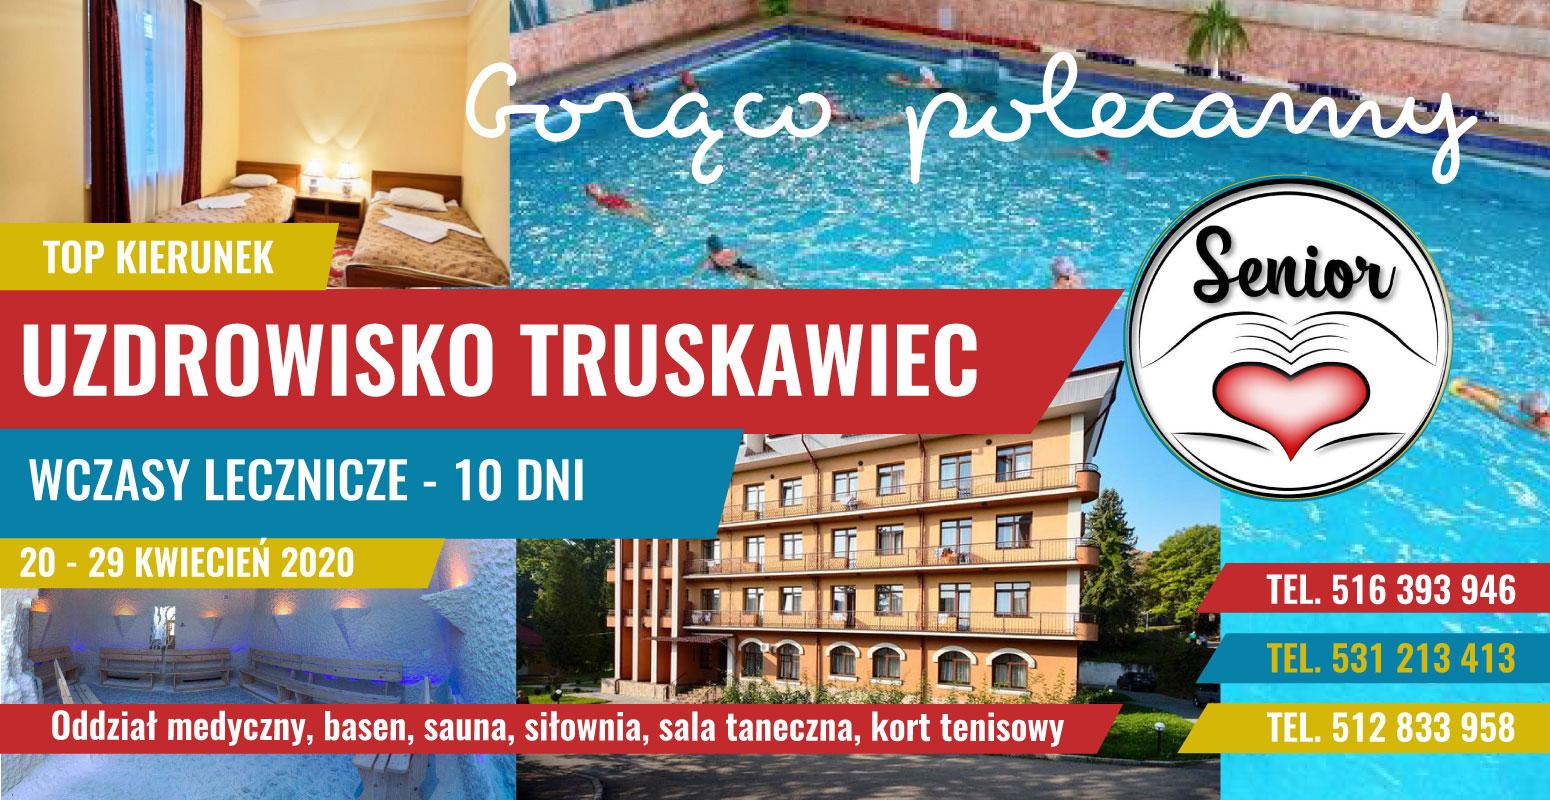 http://www.senior.wroclaw.pl/produkt/truskawiec-wczasy-lecznicze-rehabilitacja/